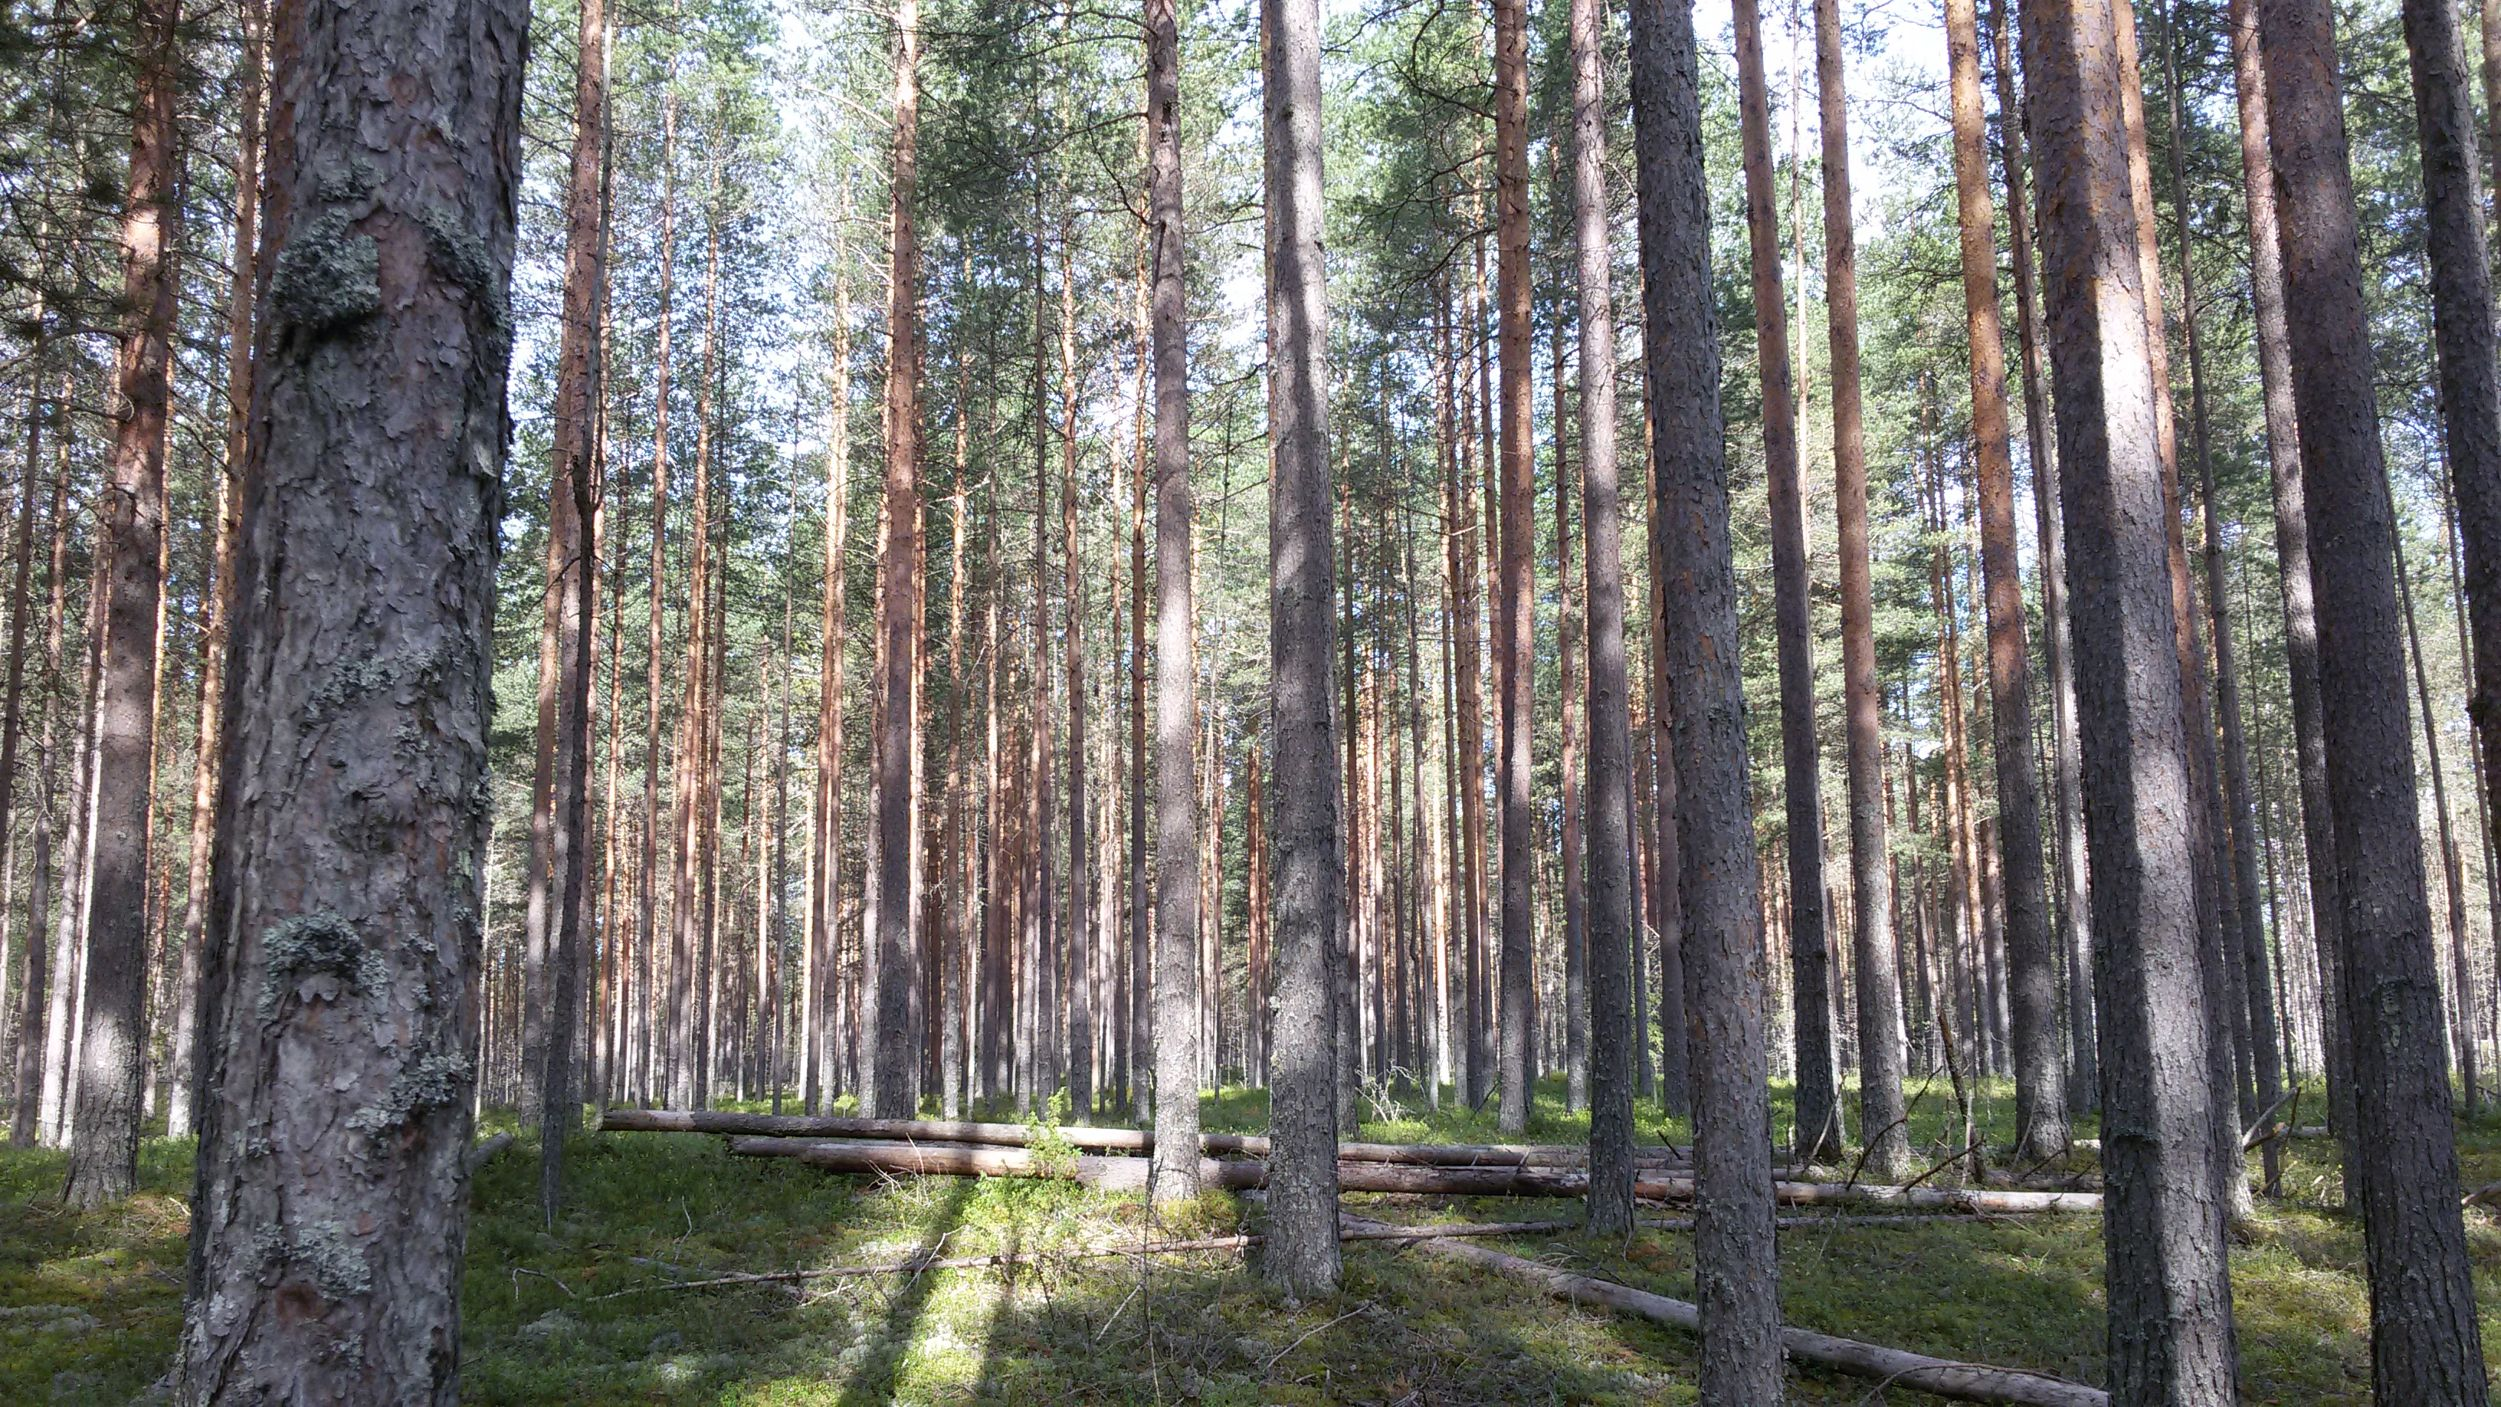 В Ярославской области с нарушителей лесного законодательства в 2021 году взыскали 11,5 миллиона рублей